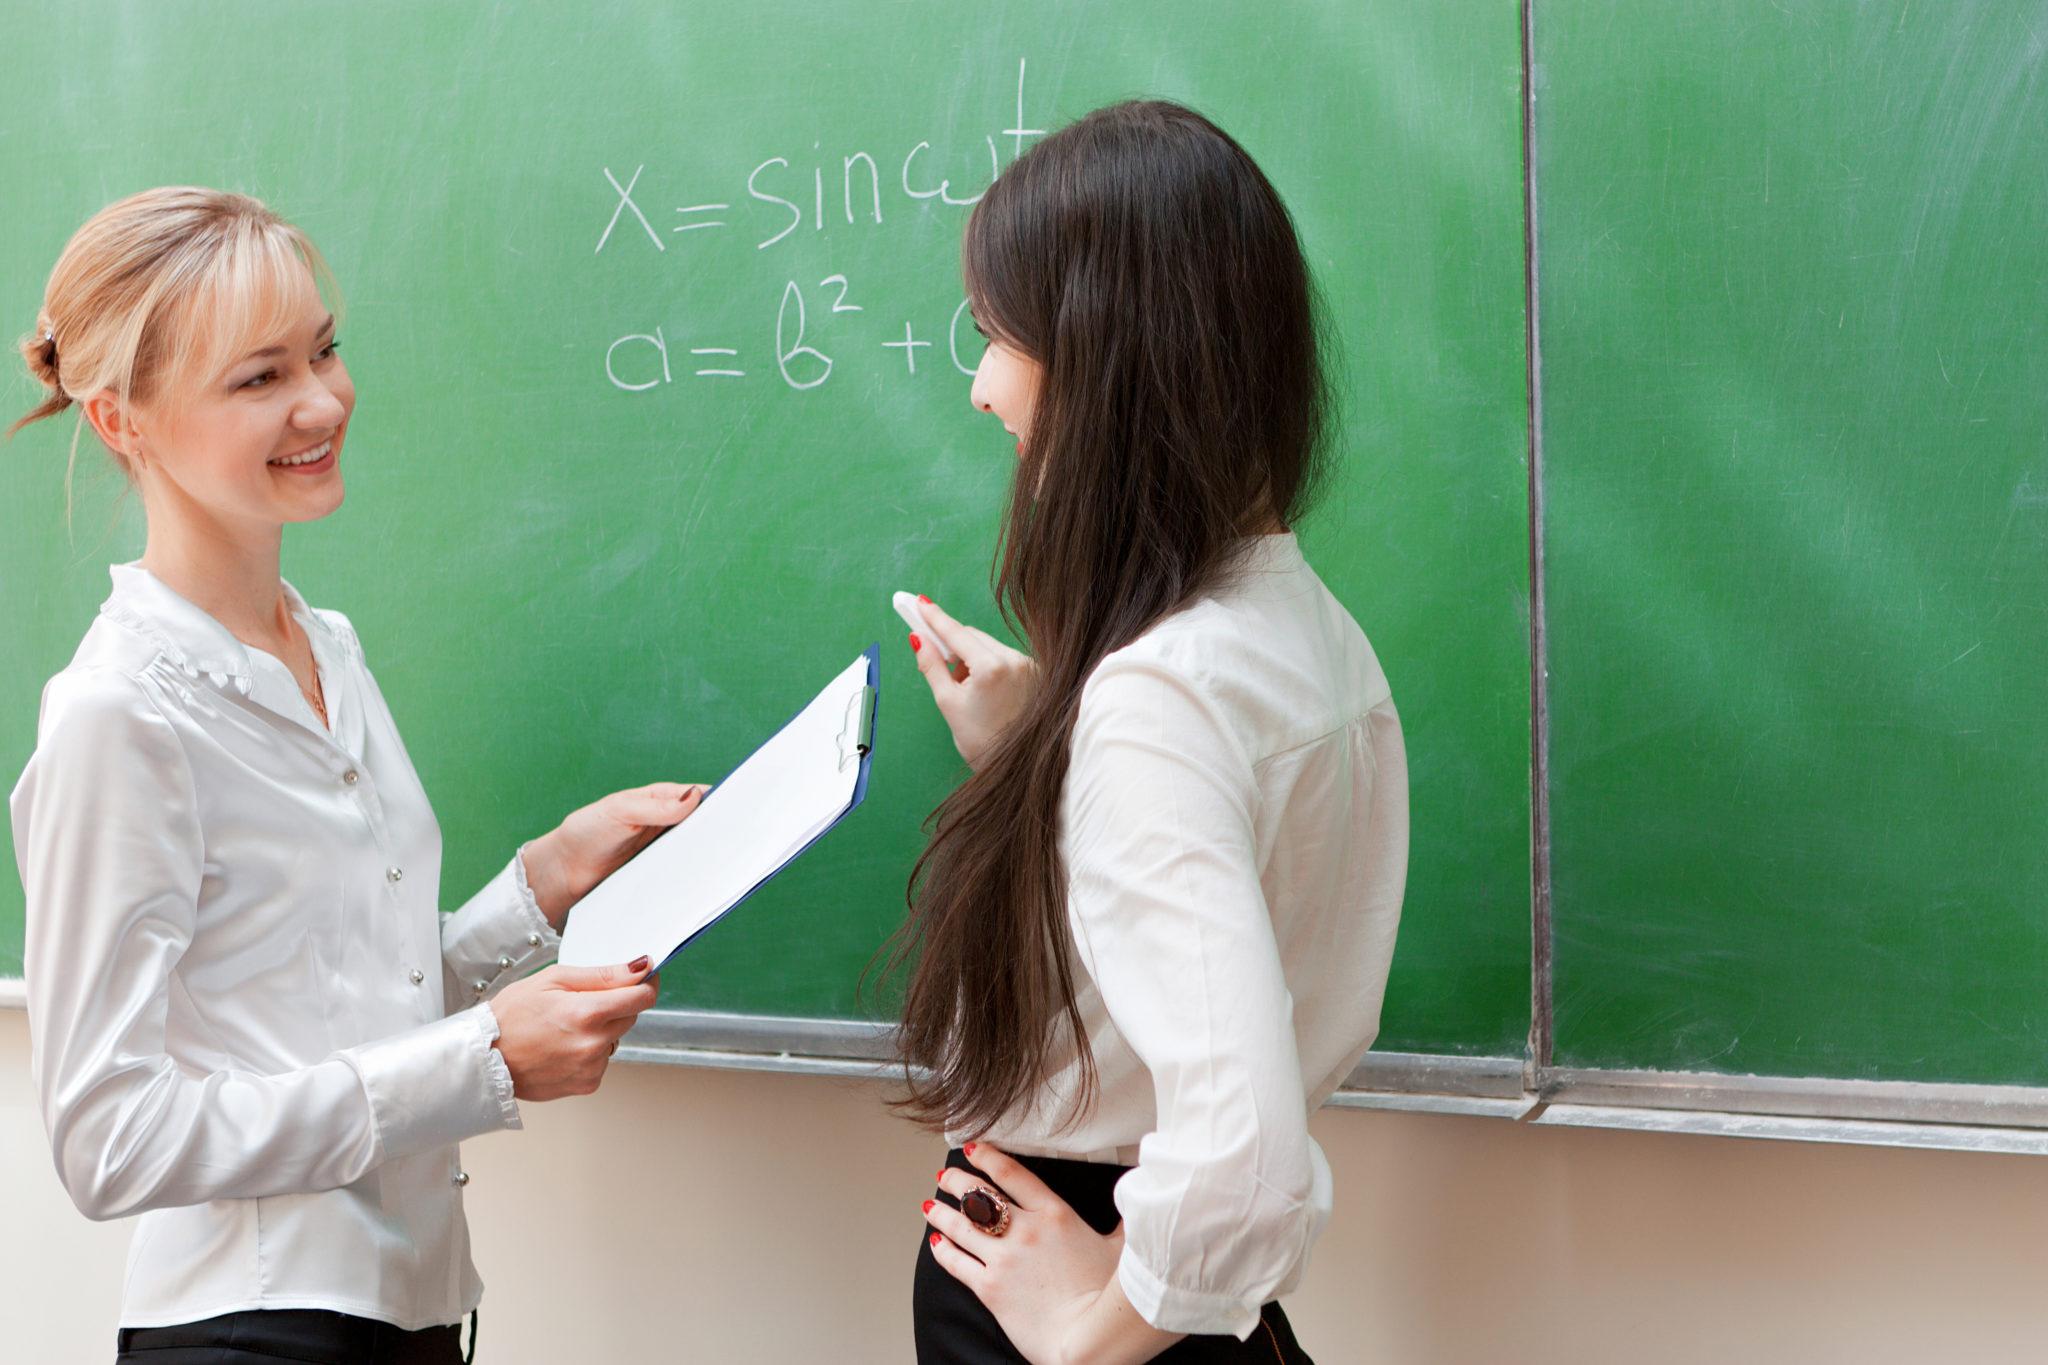 Oferta de Empleo para Maestro en Cádiz, Trabajo de Profesor en Cádiz. Consigue Trabajo en Colegios de Andalucía con CVExpres ¡es MUY SENCILLO!